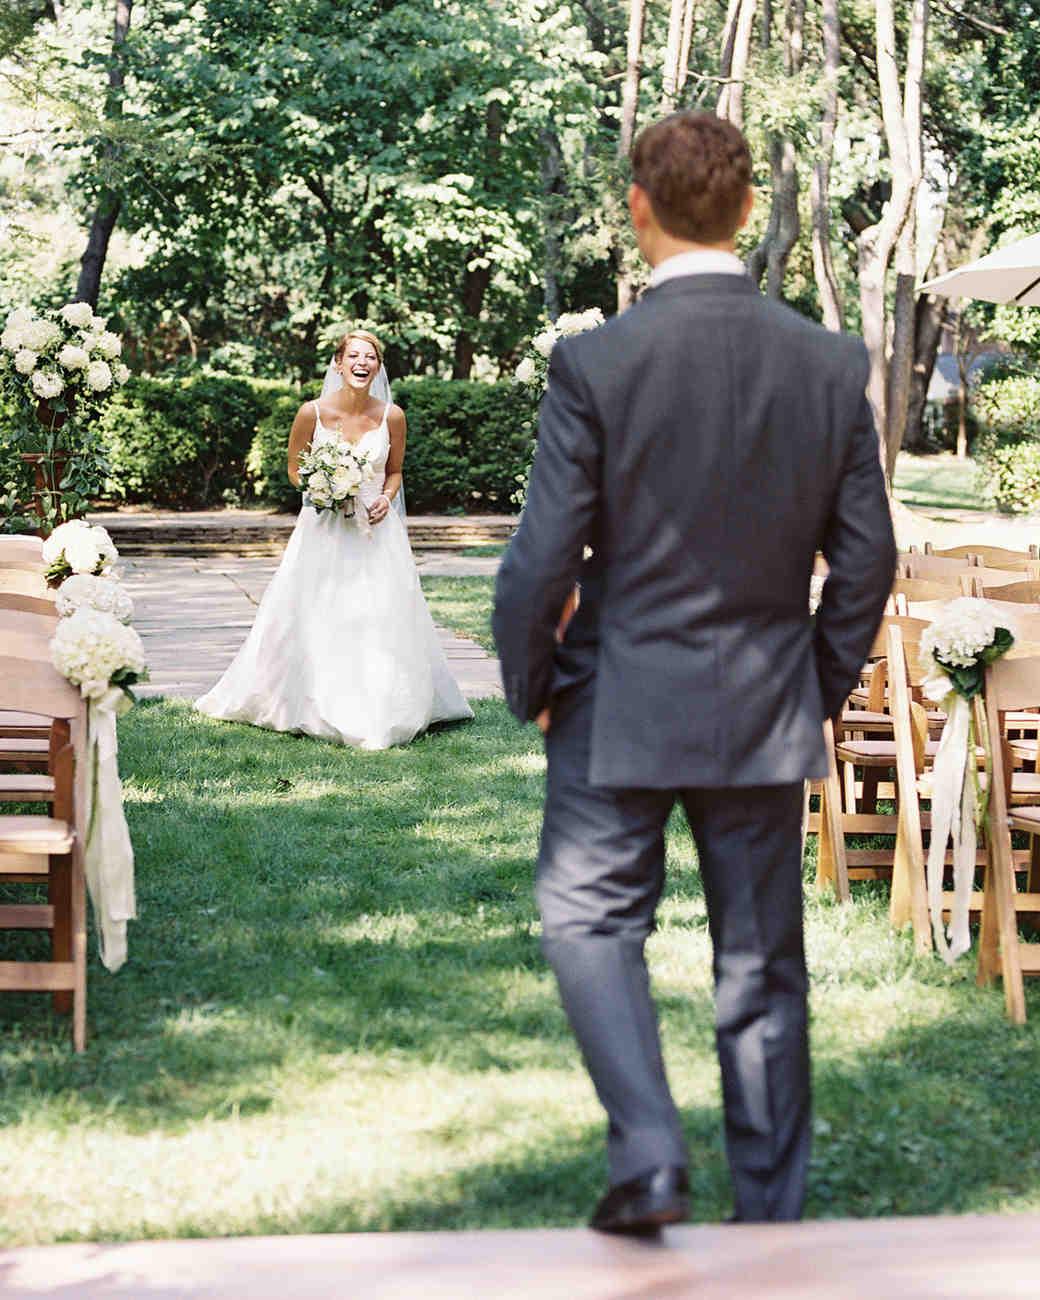 beth-scott-wedding-firstlook-0403-s112077-0715.jpg